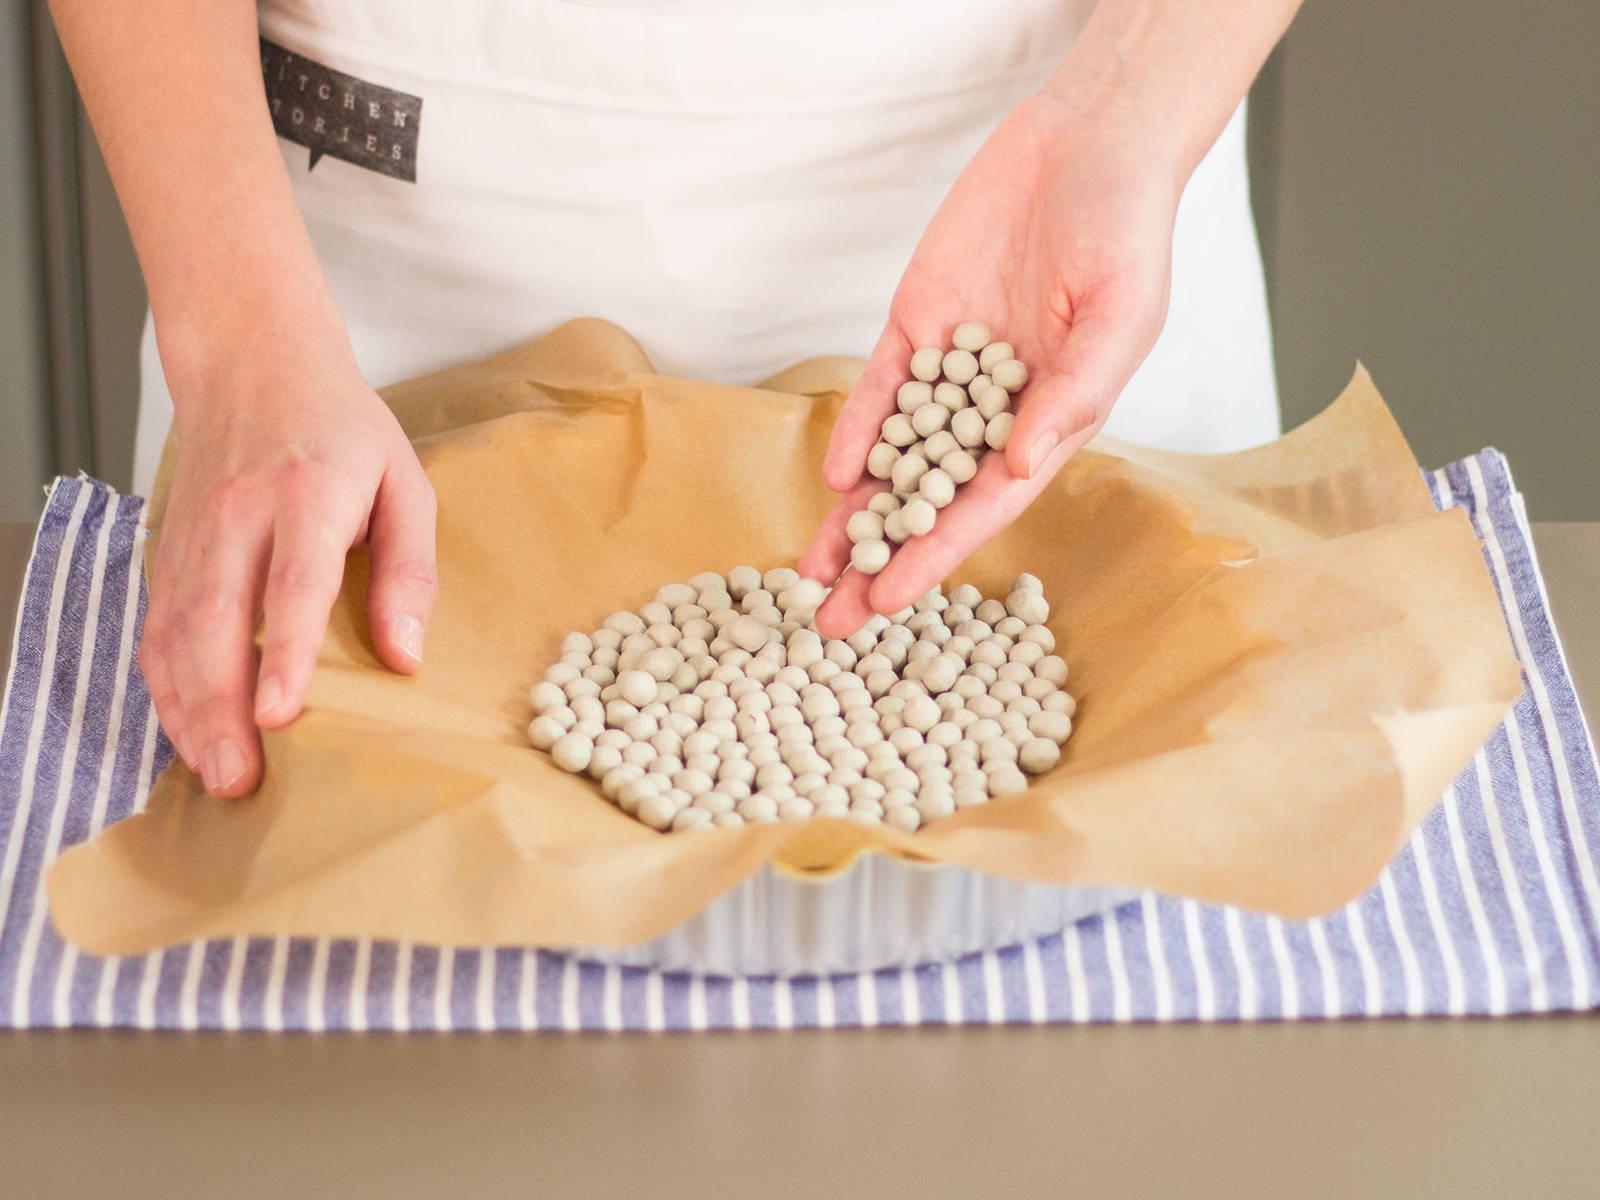 Beide Seiten des Teigs mit Mehl bestäuben und in die Pie-Form legen. Gleichmäßig an den Rand andrücken und überschüssigen Teig entfernen. Backpapier über den Teig legen und mit Backkugeln beschweren. Im vorgeheizten Backofen bei 180°C ca. 10 Min. backen.